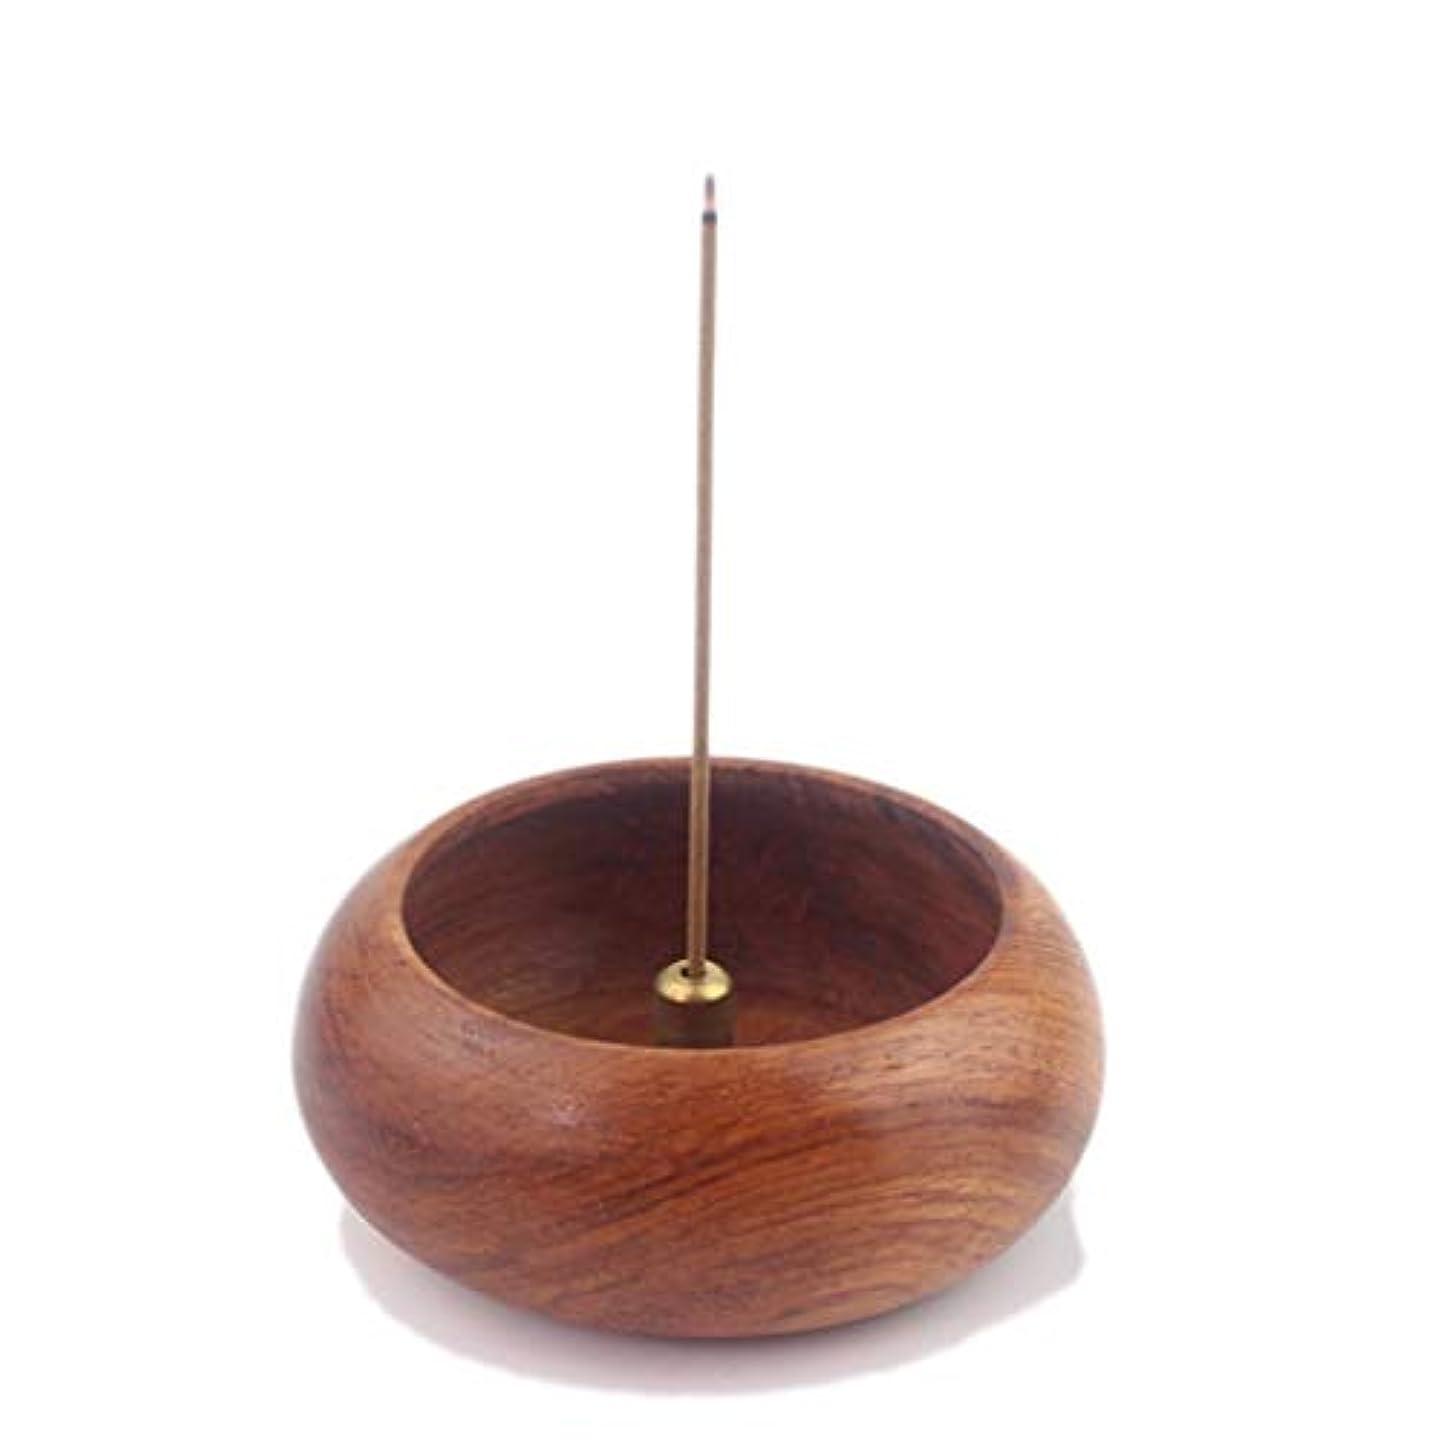 コインランドリー従順な強打ローズウッドボウル型の香炉ホルダーホーム&キッチン炉香ホルダー装飾香スティックコーンバーナーホルダー (Color : Wood, サイズ : 2.44*0.94inches)